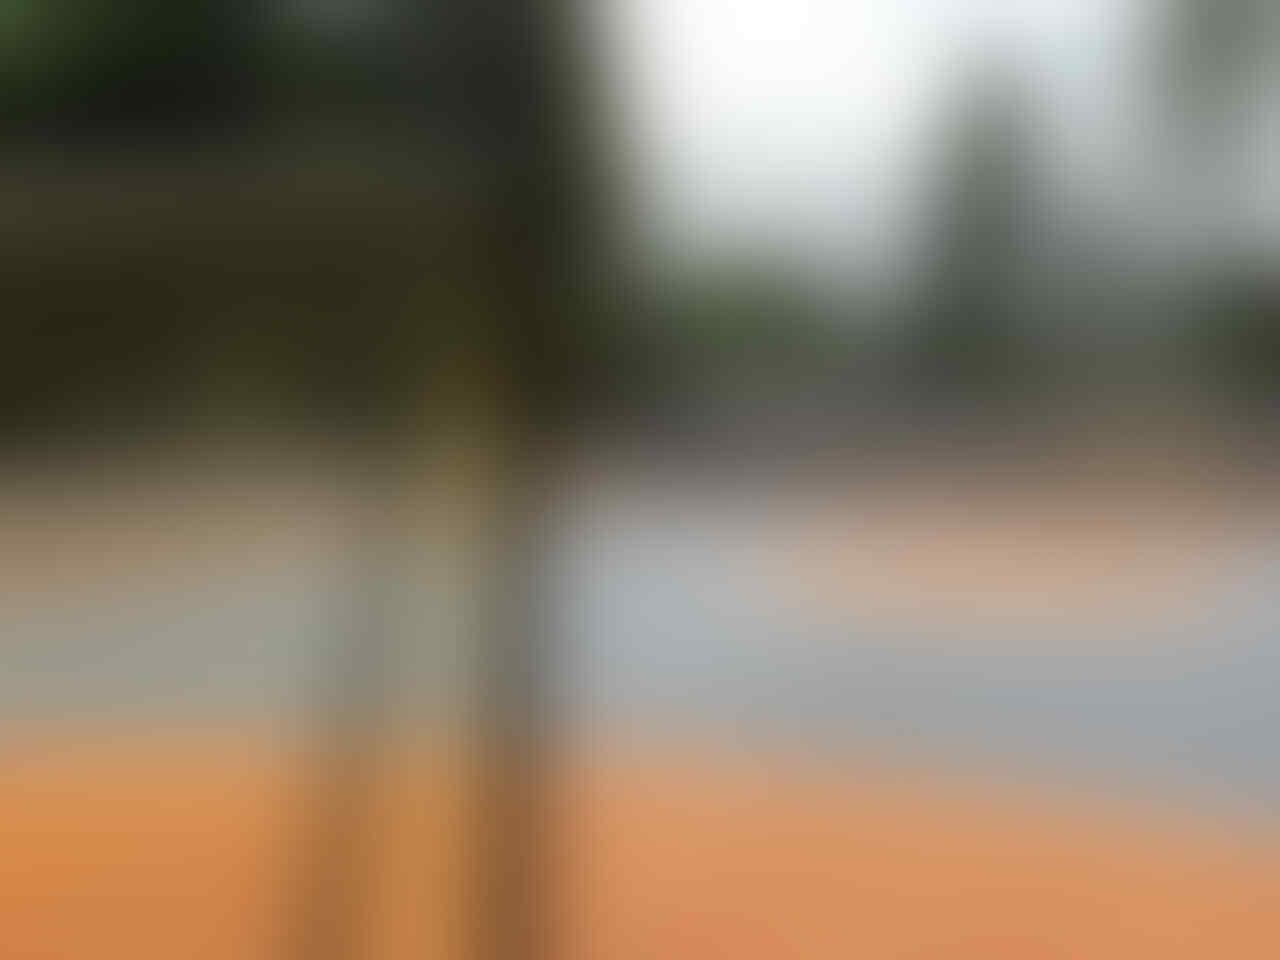 ★ (|||+) ★ Futsal Milanisti Kaskus (MILKAS) ★ (|||+) ★